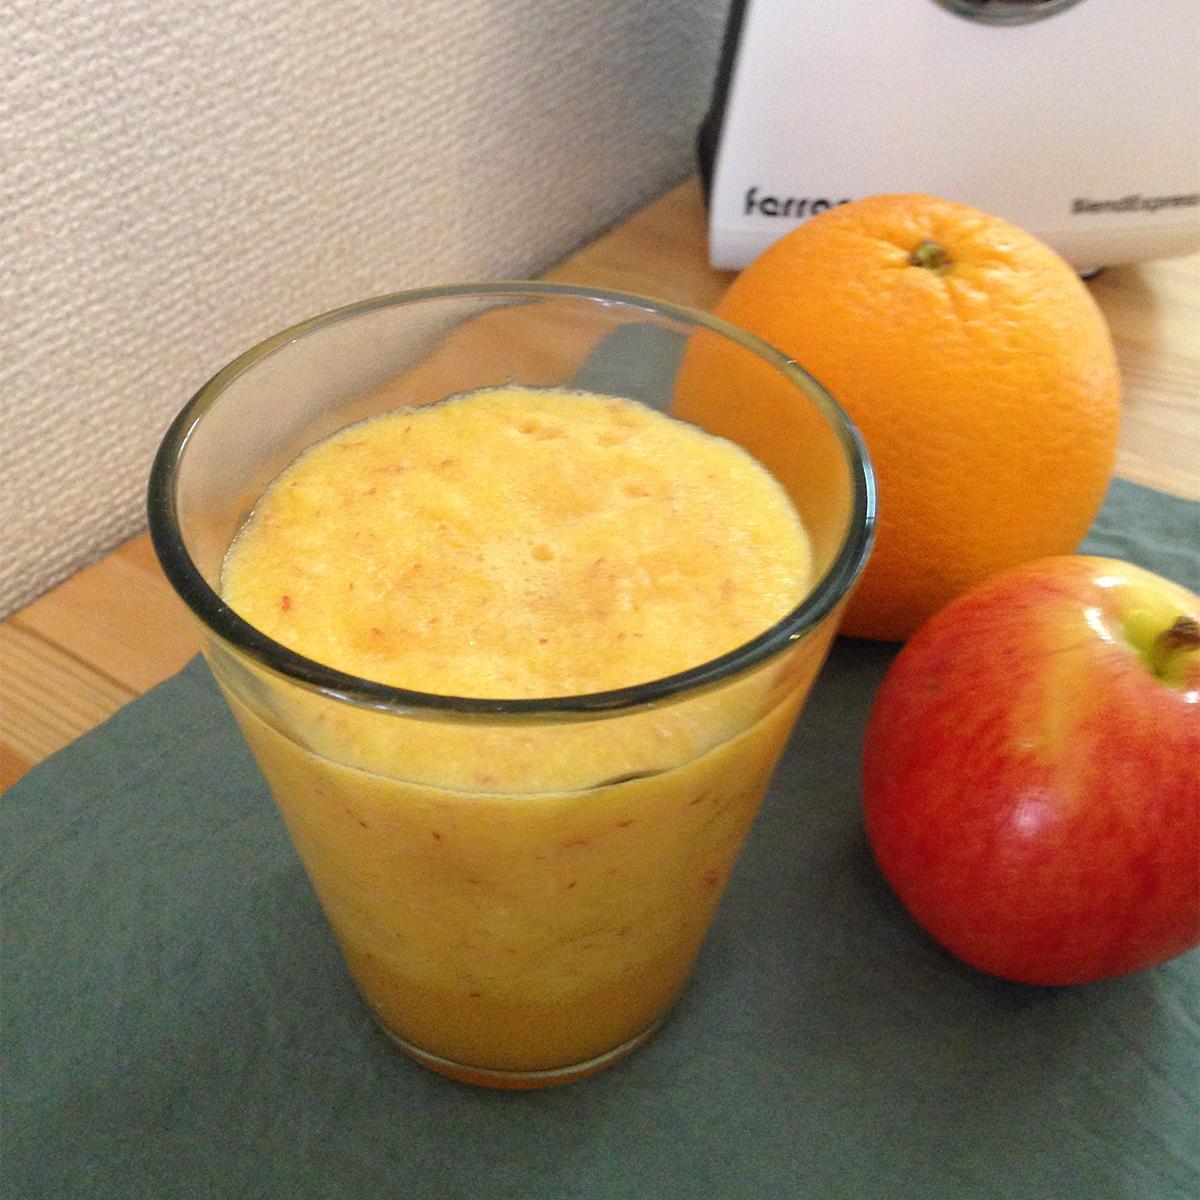 オレンジとリンゴのスムージー|氷も皮付き野菜も滑らかなスムージーに…パワフルな小型ブレンダー|ferrano